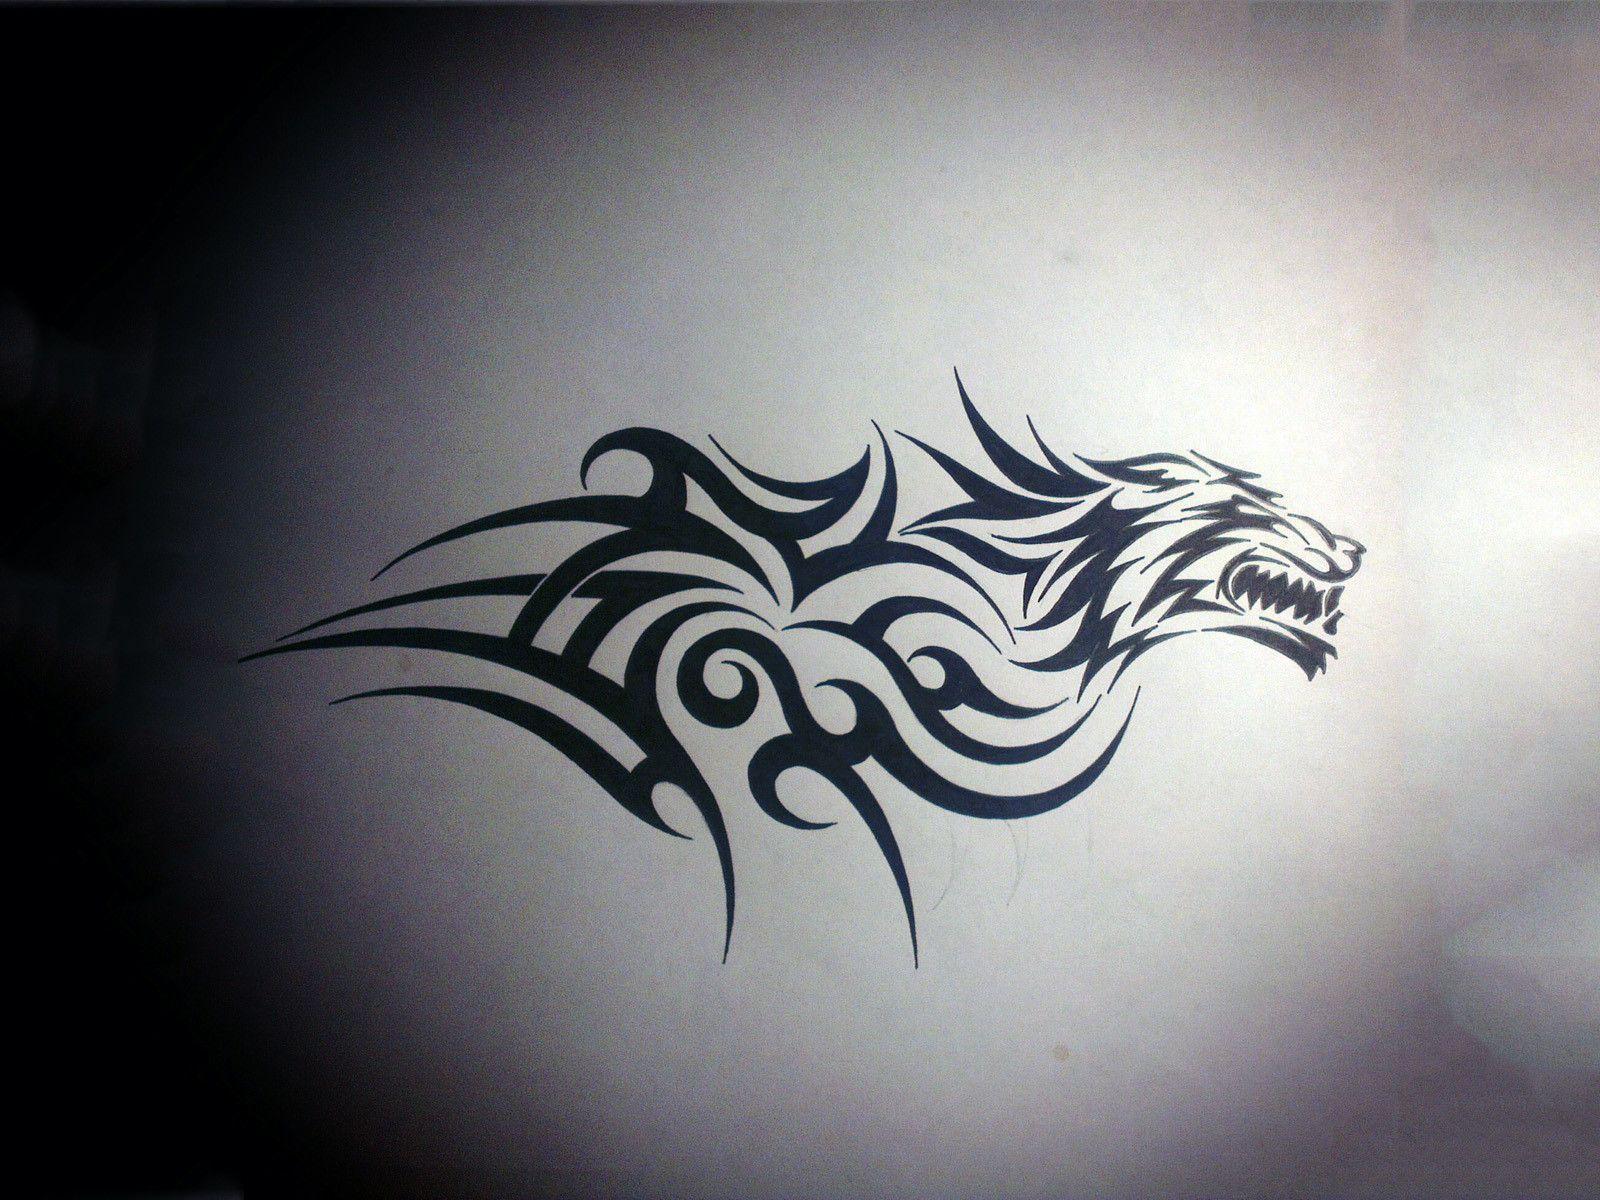 Tiger Tribal Tattoo Design Wallpaper Tribal Tiger Tattoo Maori Tattoo Tribal Tiger